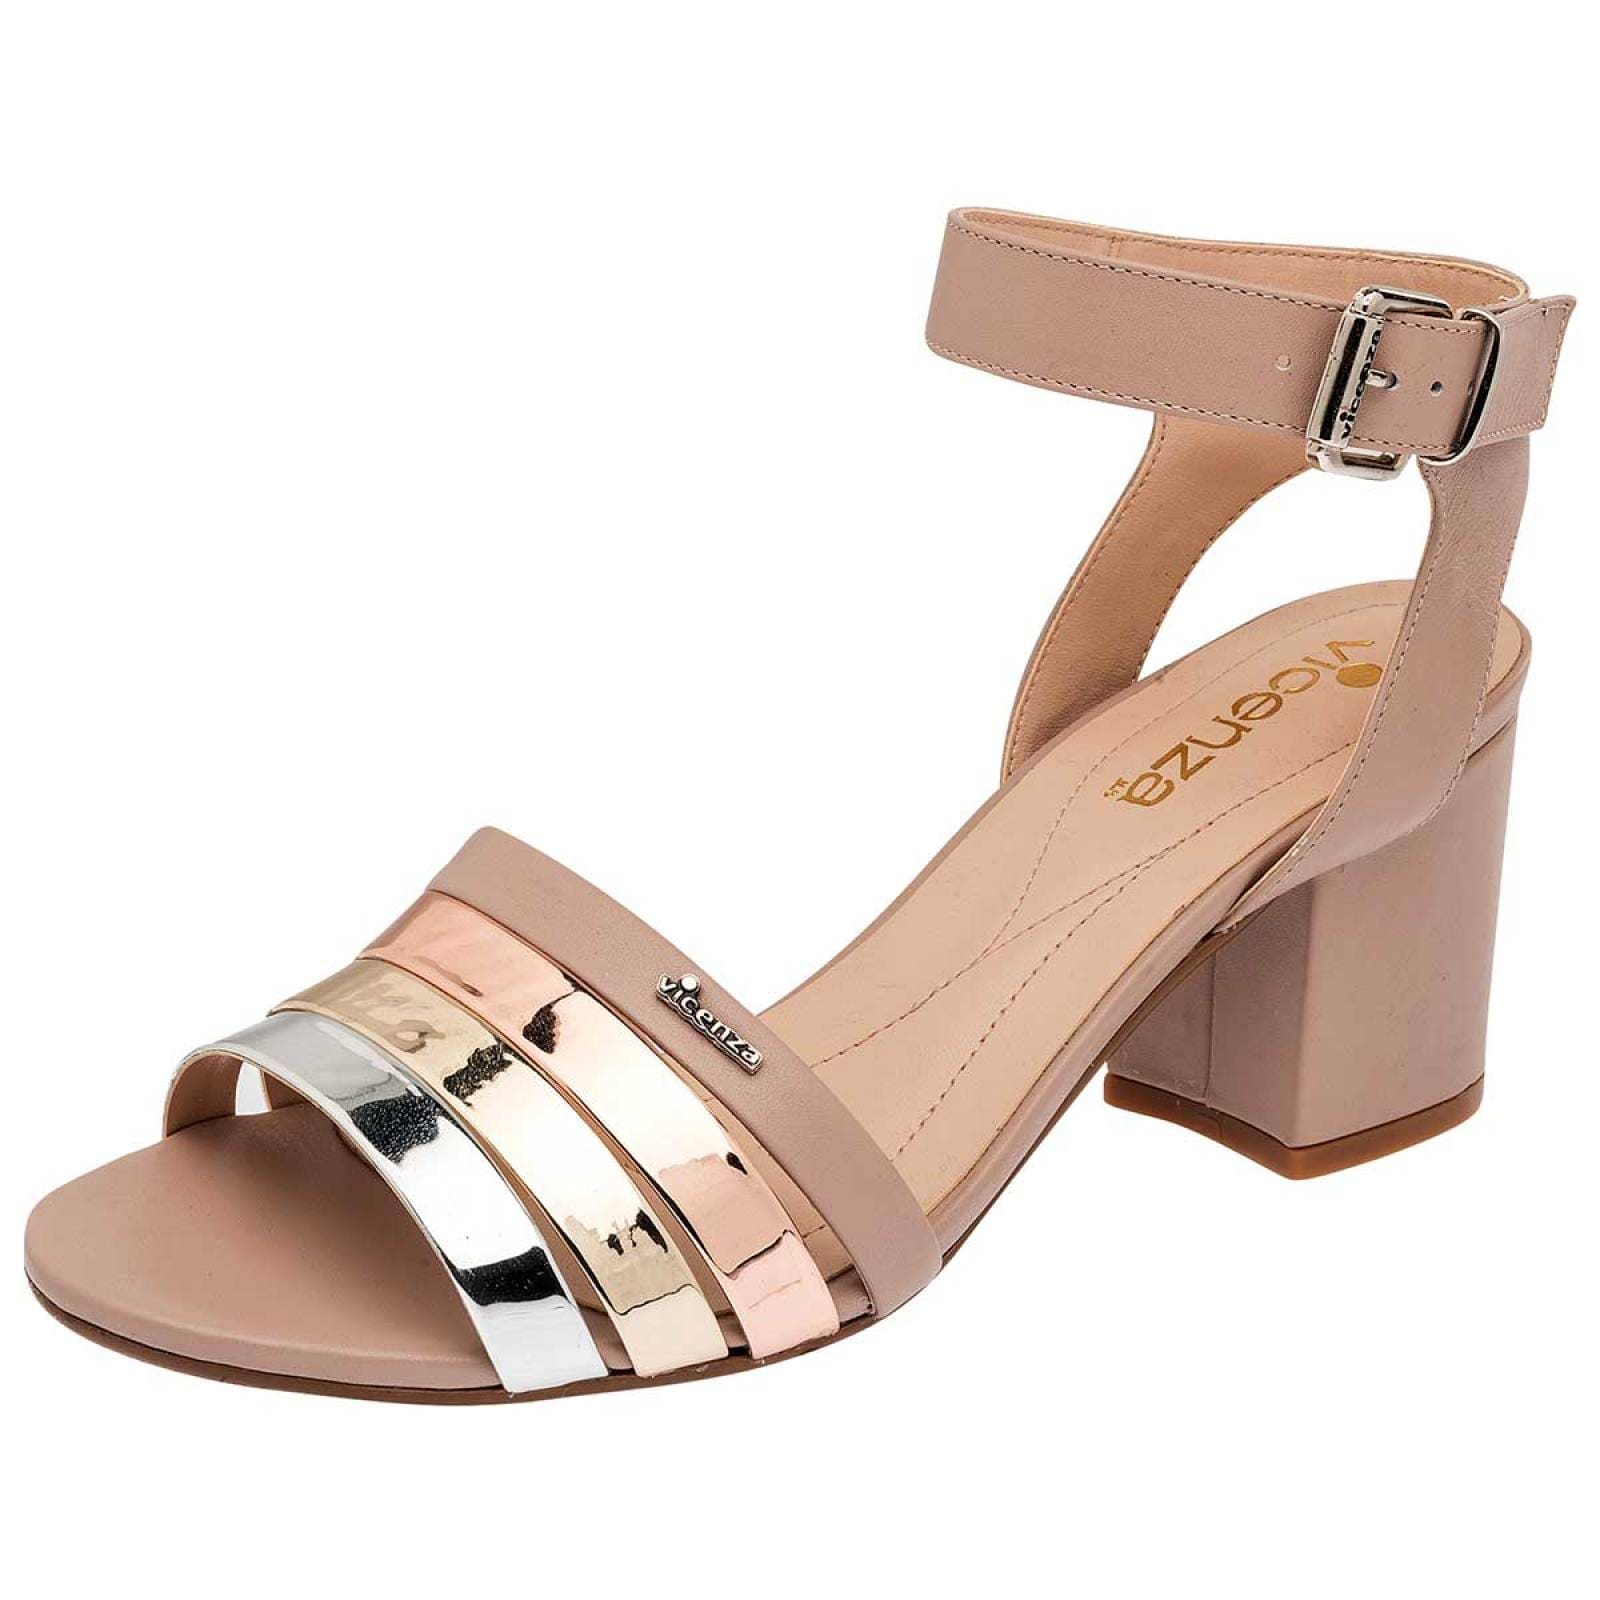 Vicenza Zapato Mujer Beige multicolor